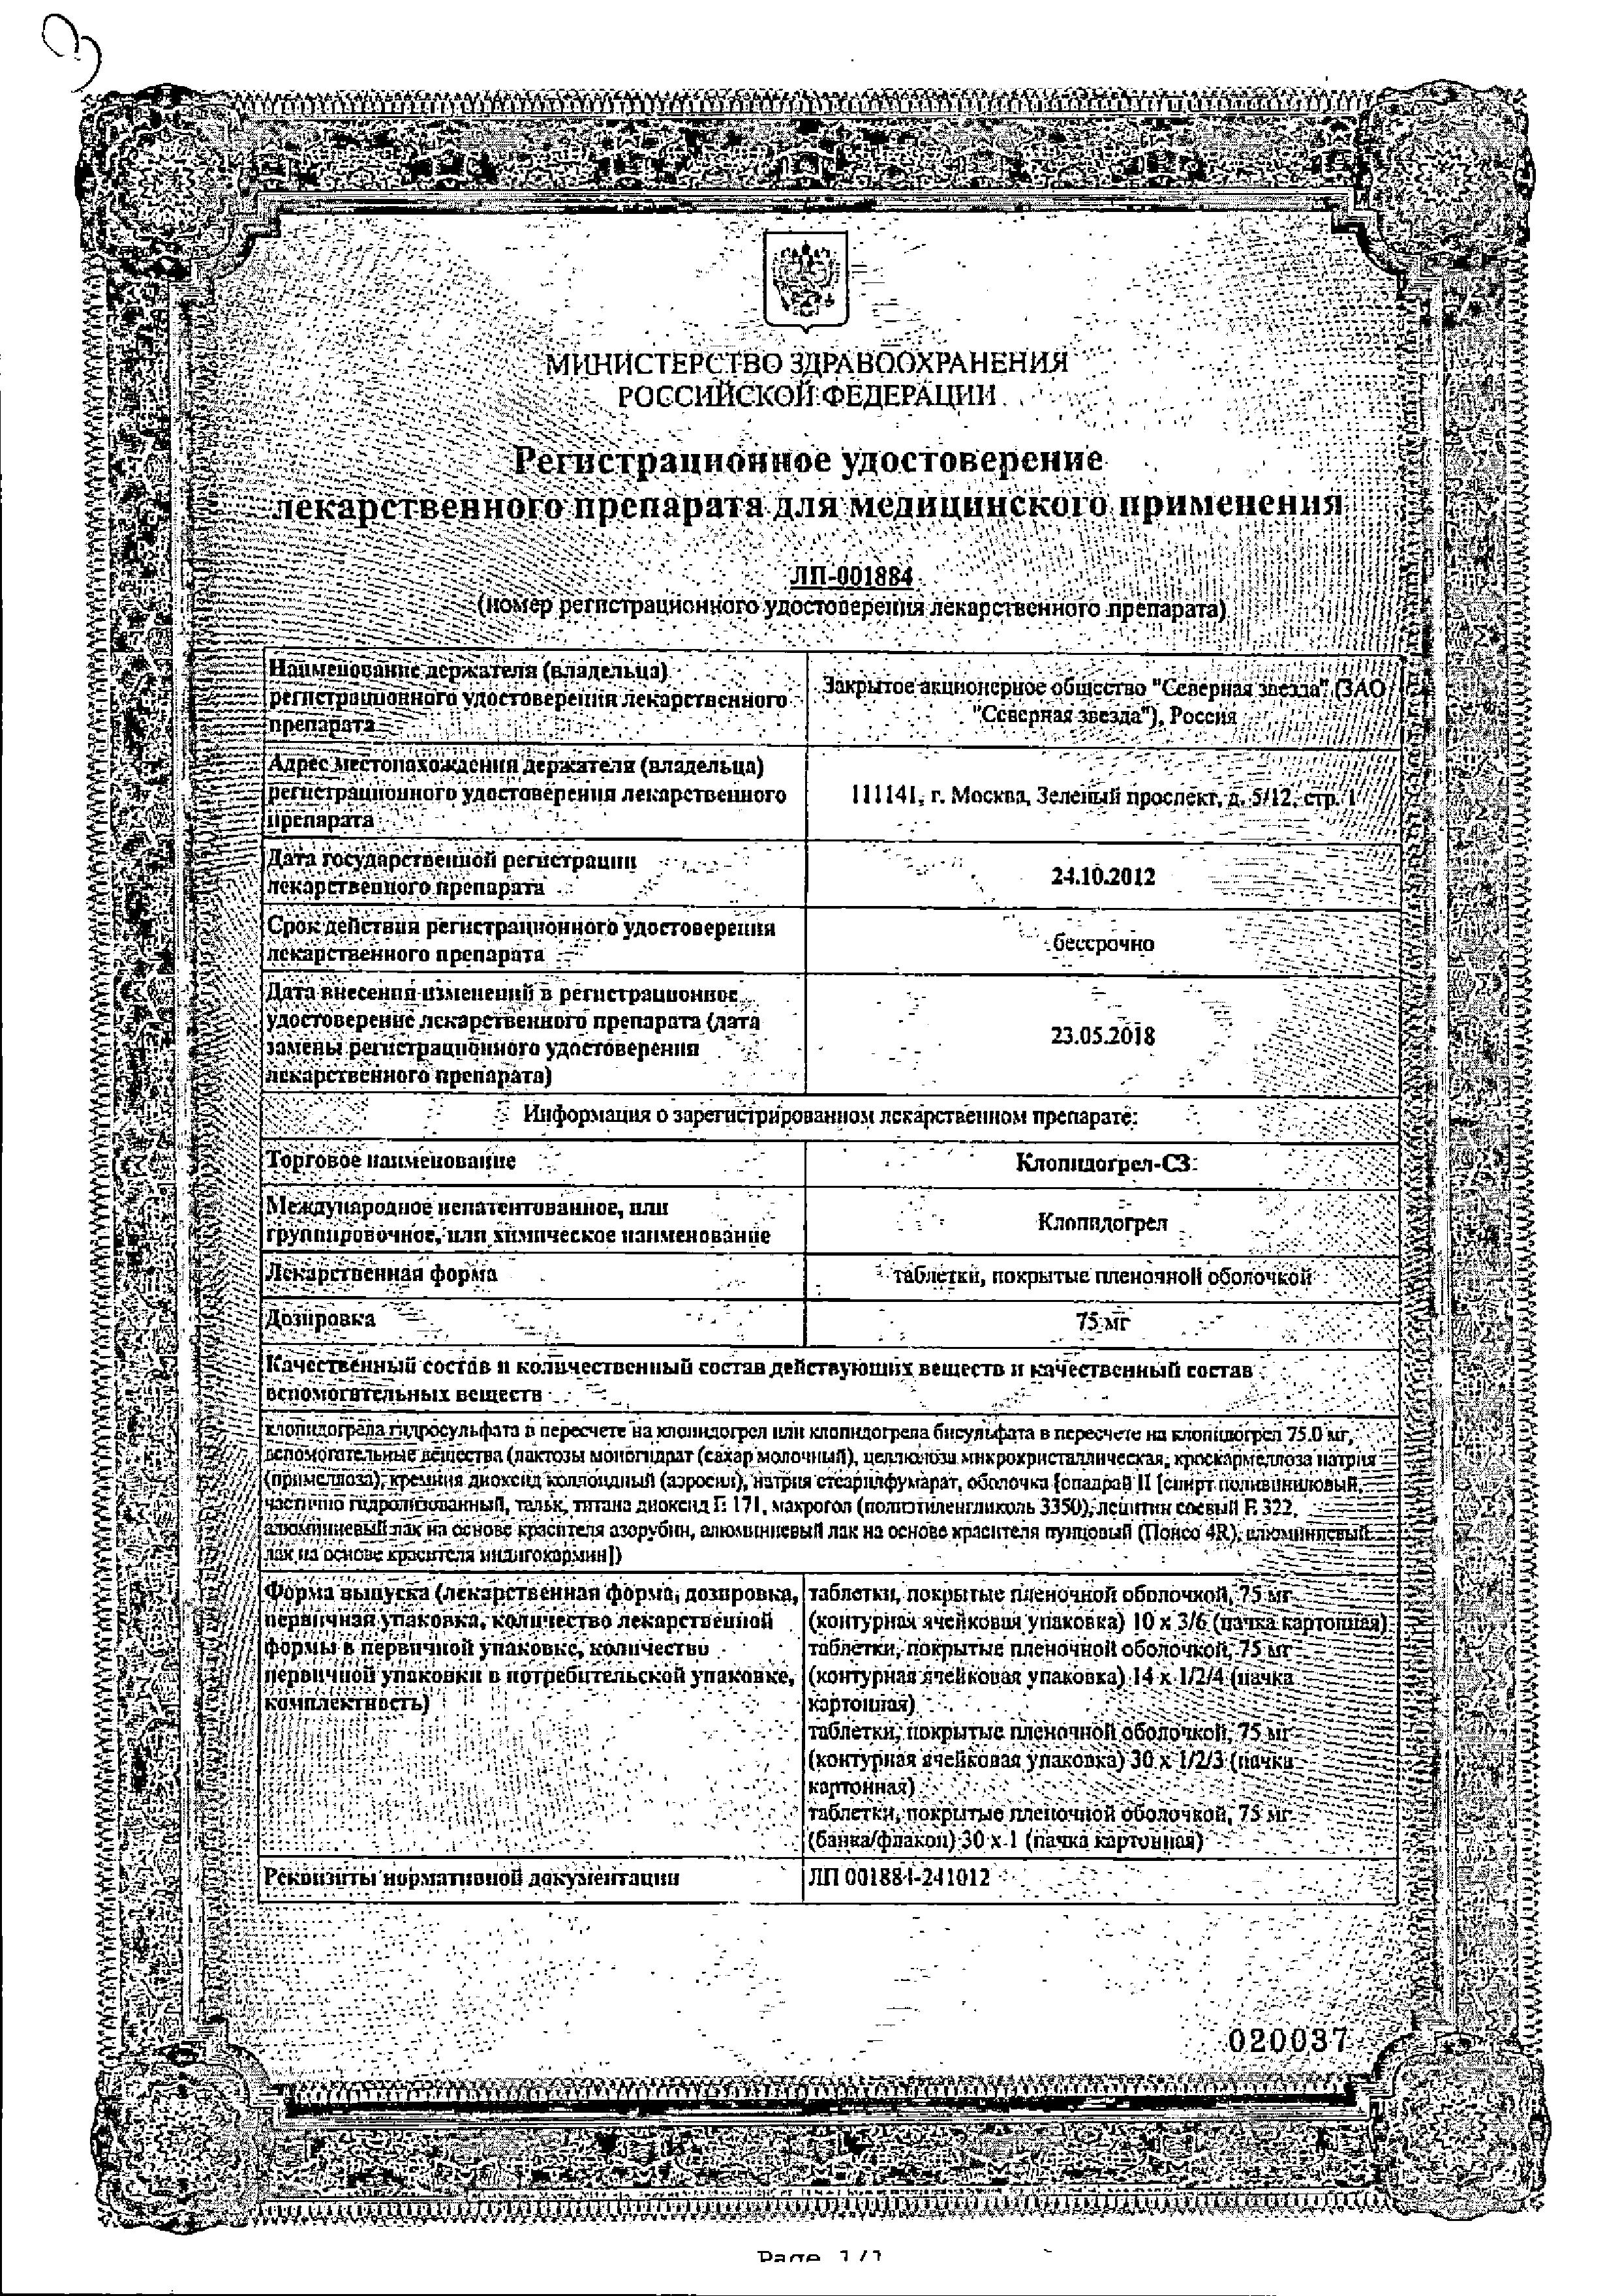 Клопидогрел-СЗ сертификат